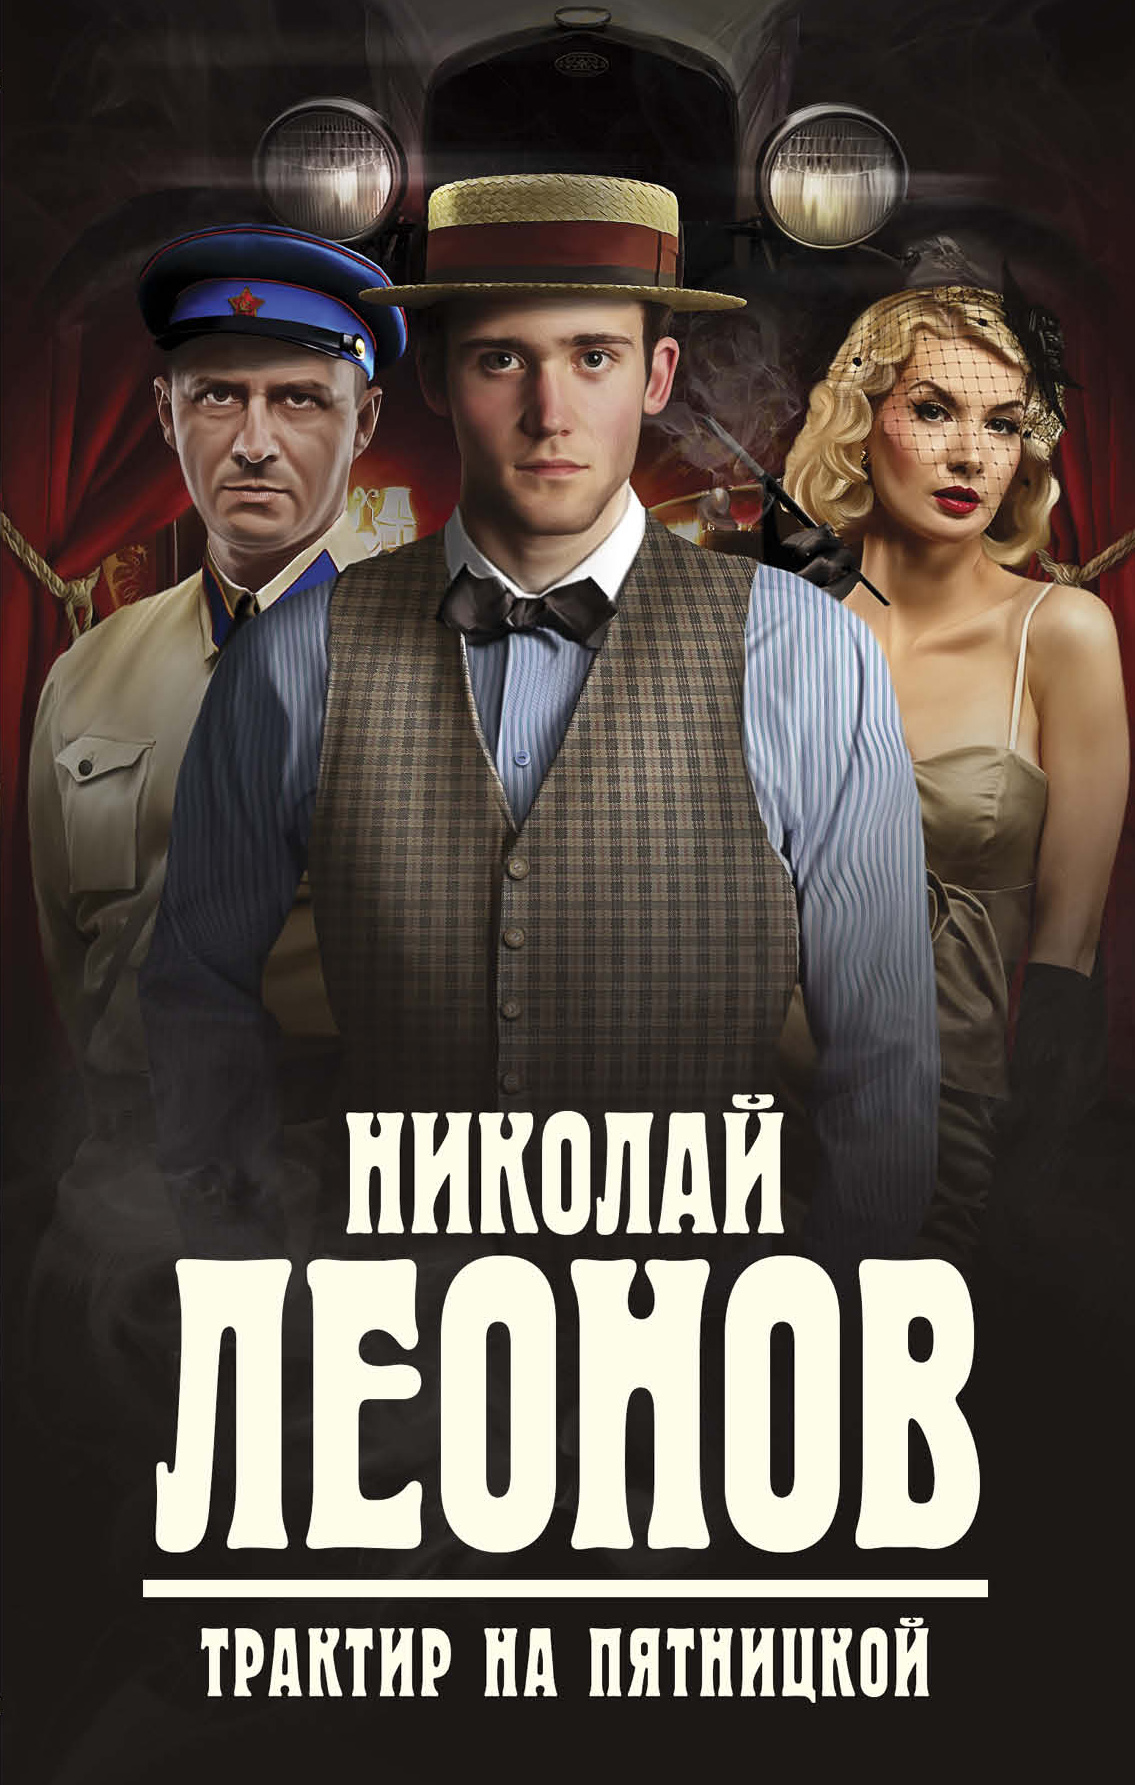 Николай Леонов Трактир на Пятницкой